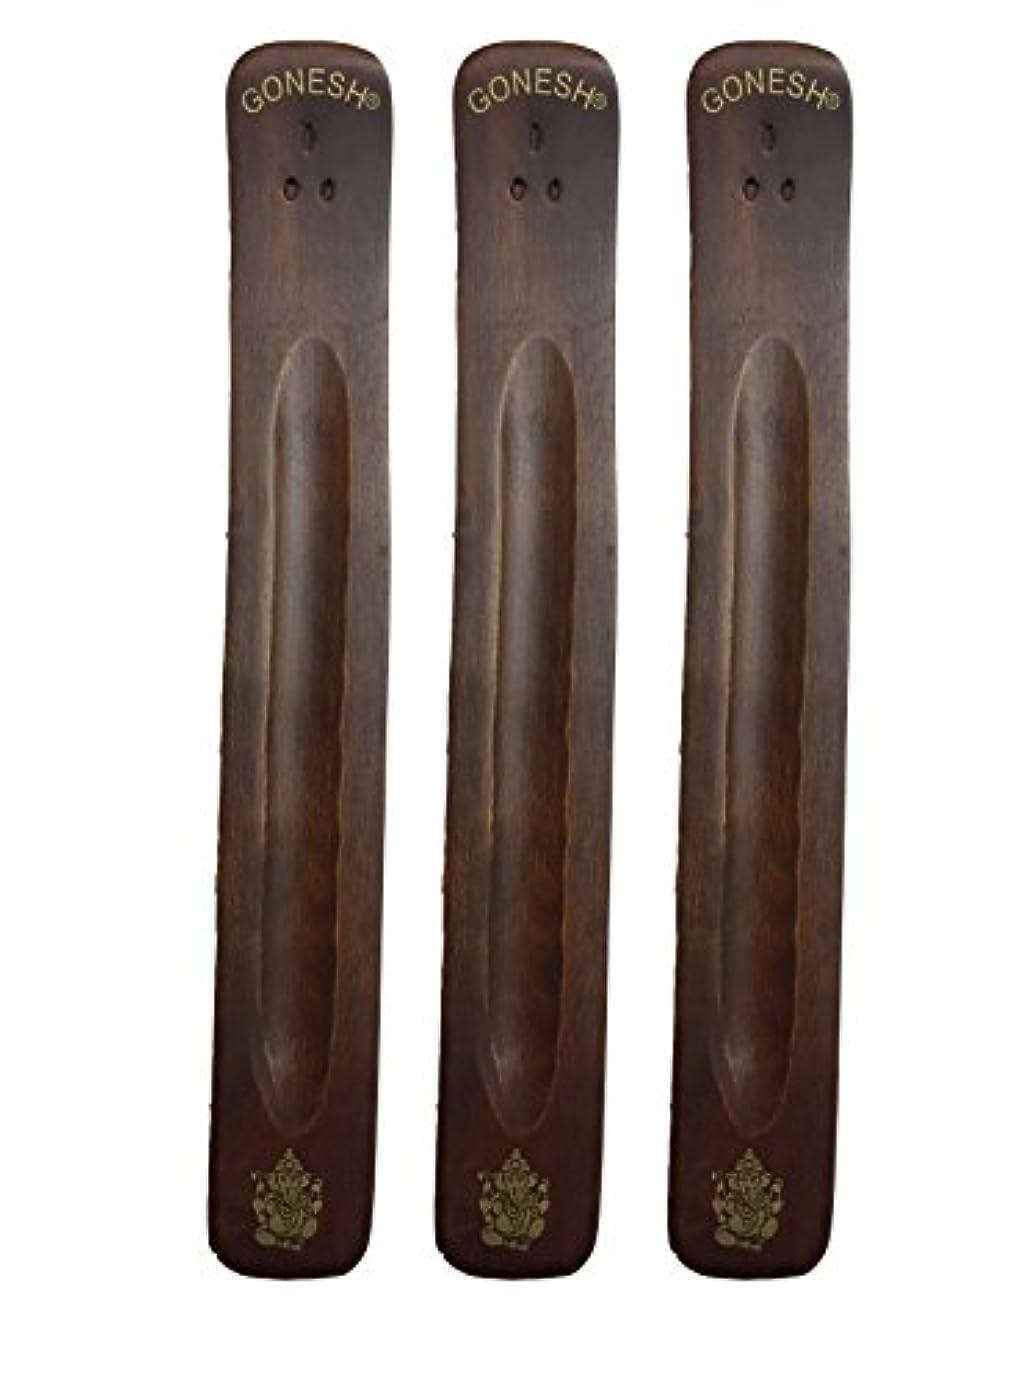 成果自動的に傷つきやすい3パックGonesh Incense Burner ~ Traditional Incense Holder with Inlaidデザイン~約11インチ、のさまざまなデザイン